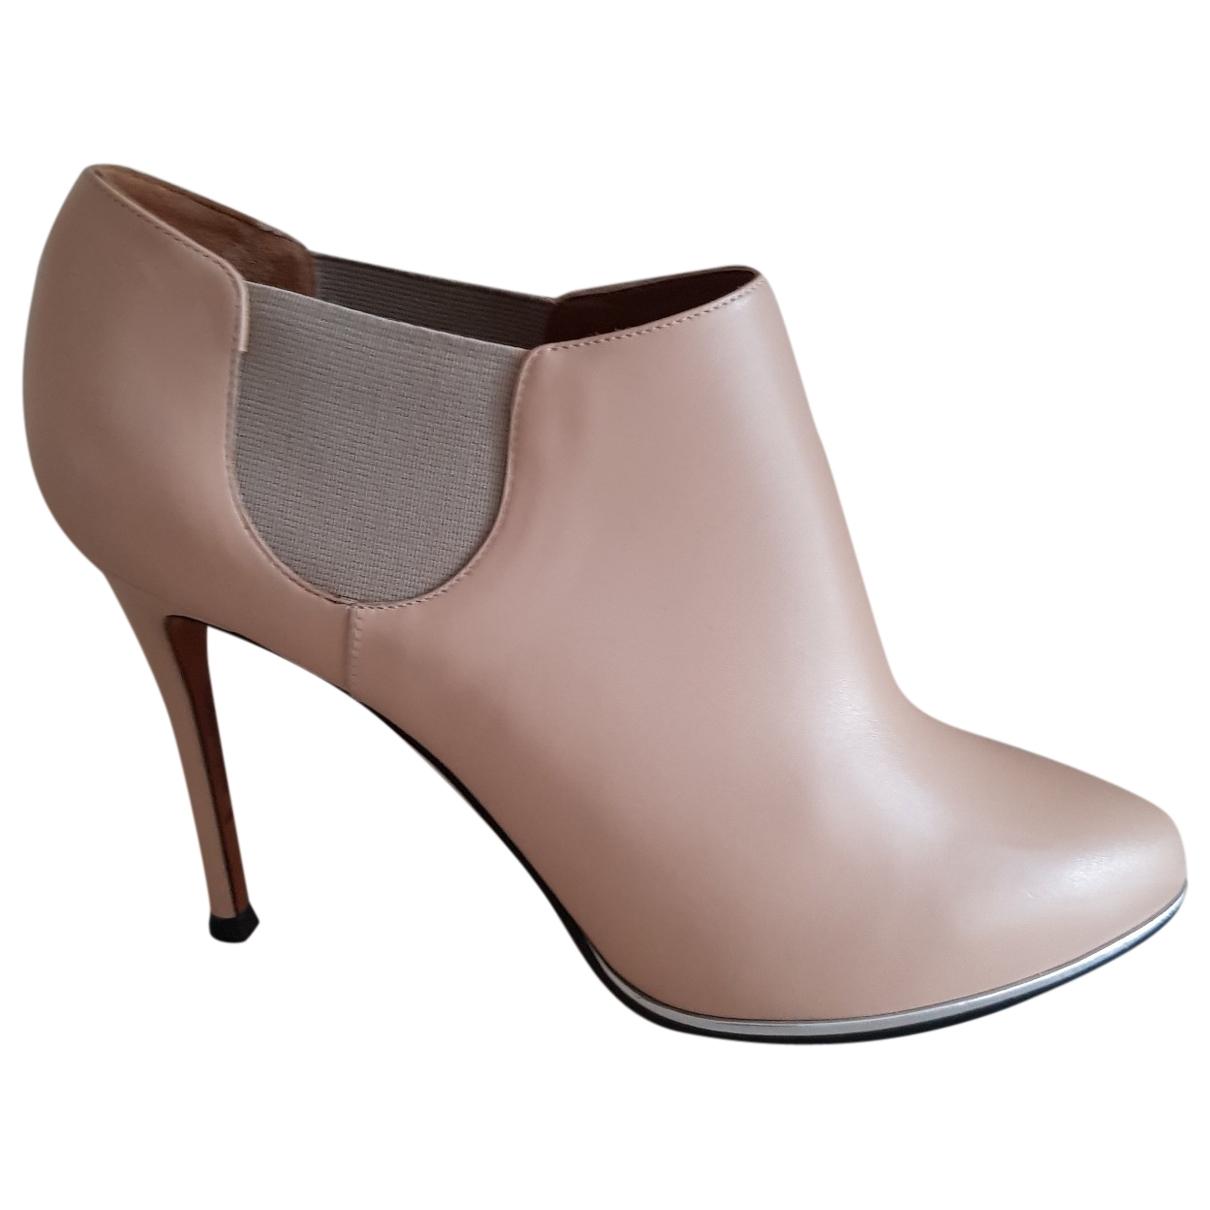 Givenchy - Boots   pour femme en cuir - beige